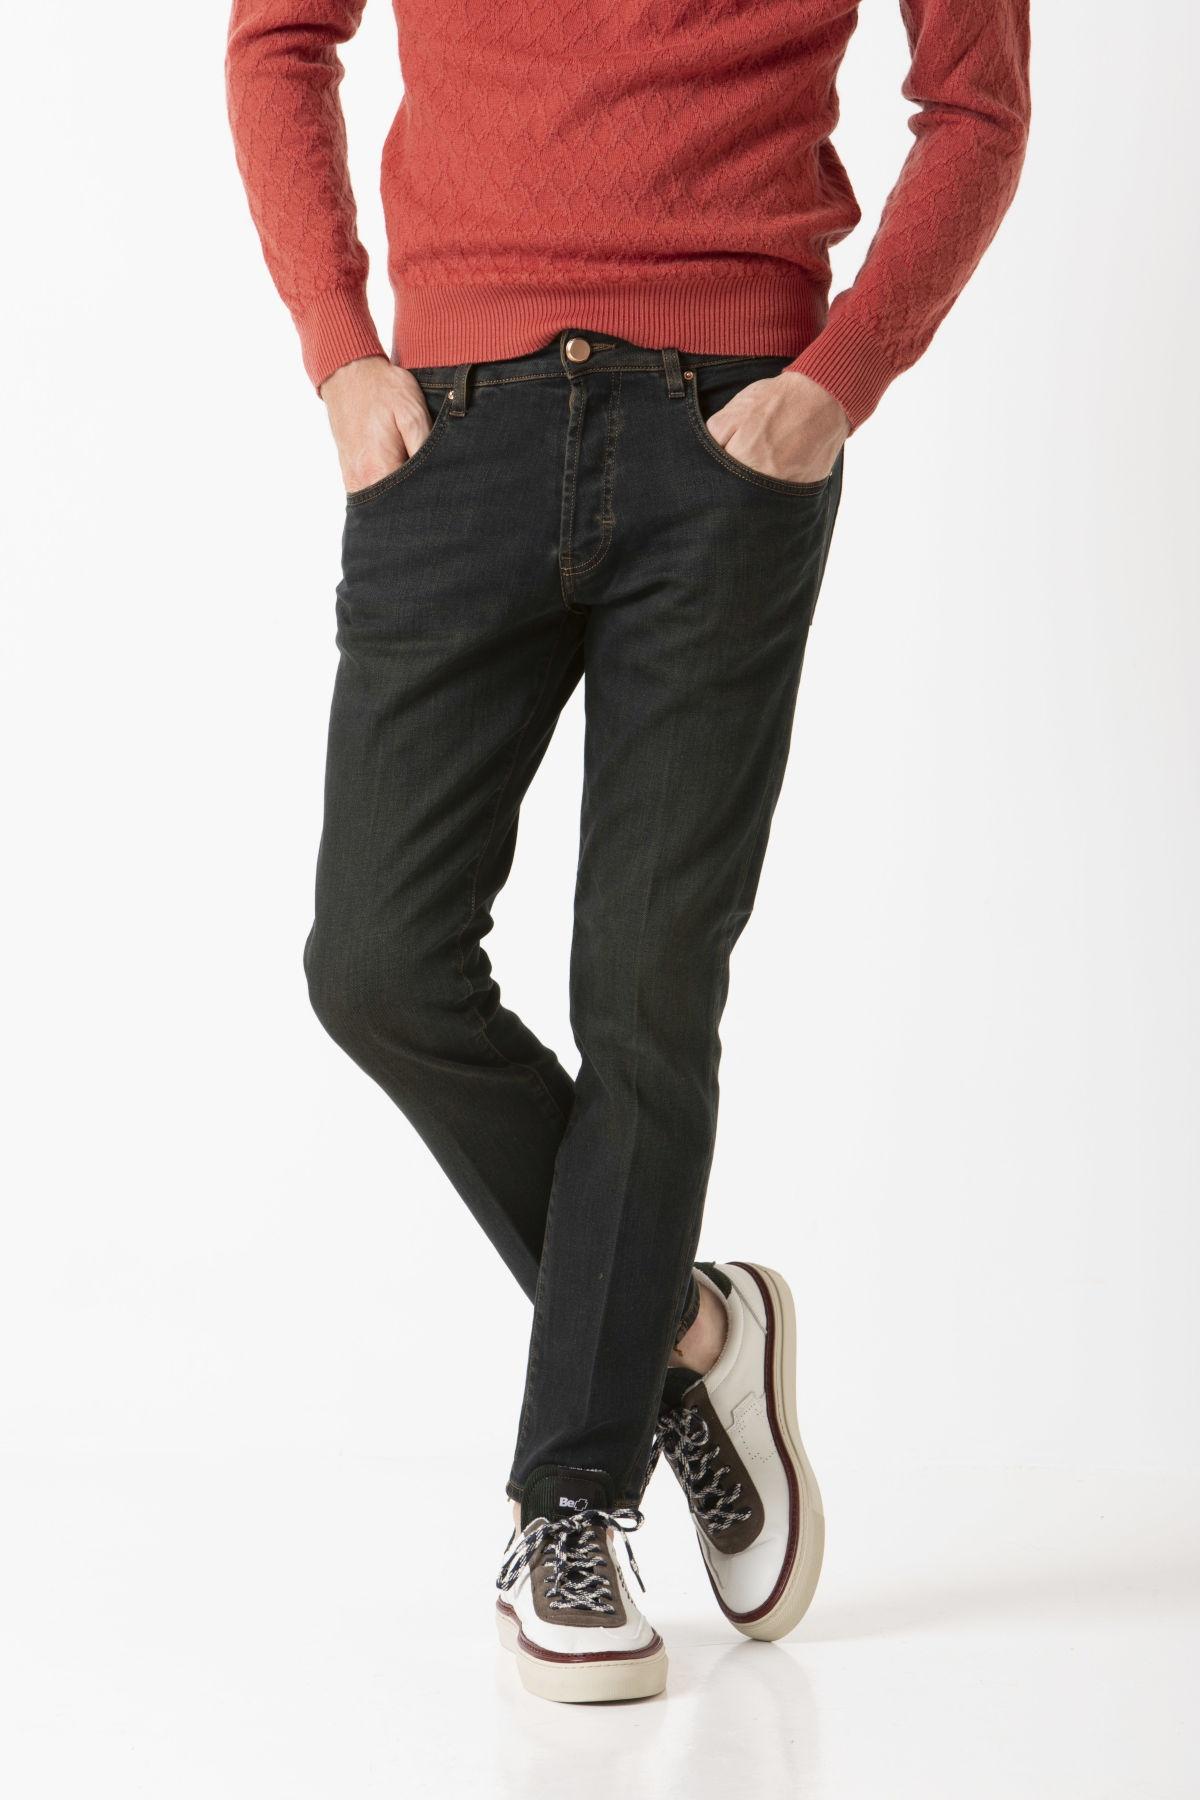 Herren Jeans DON THE FULLER H/W 19-20